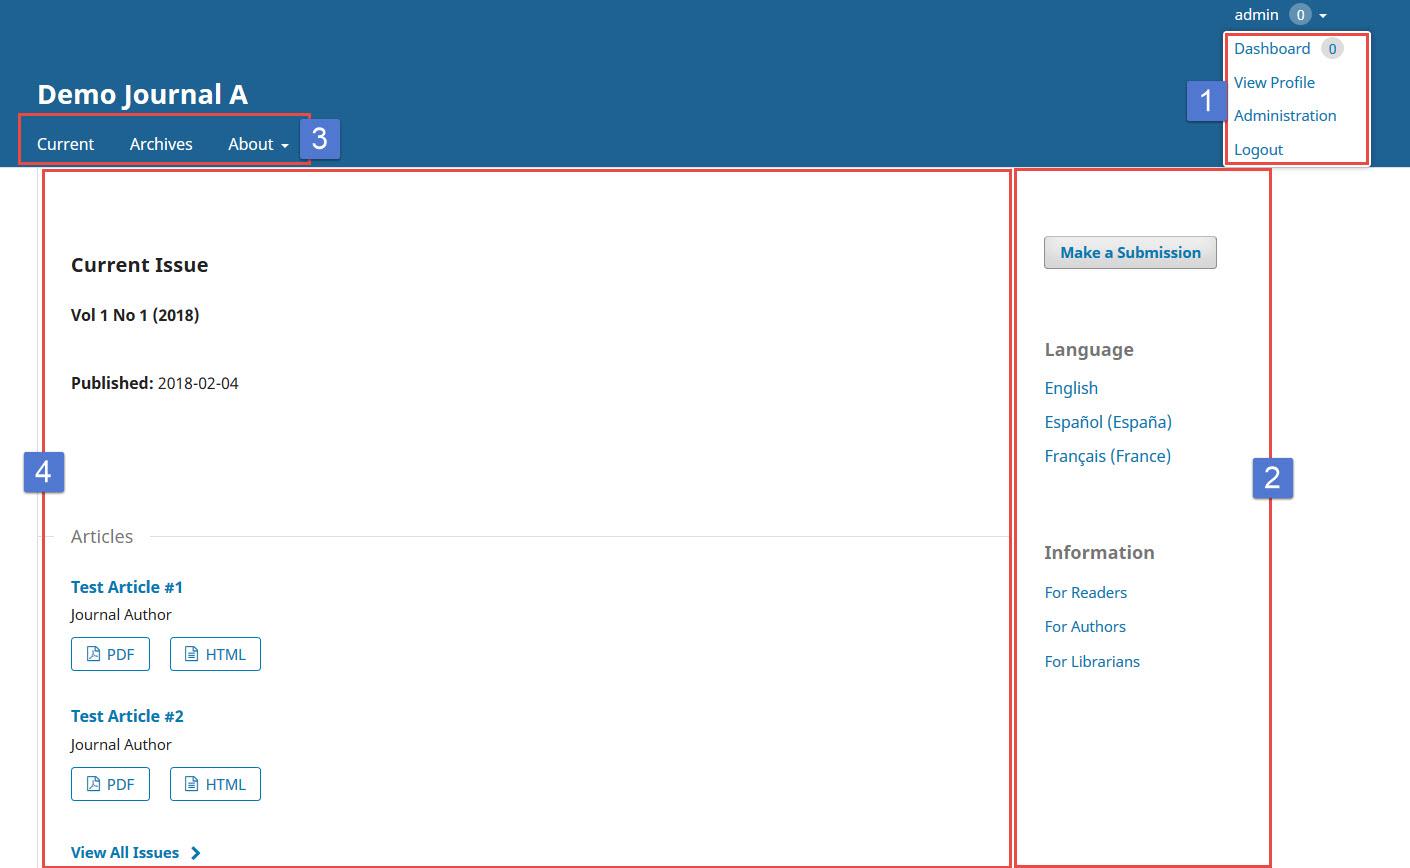 OJS 3.x reader interface